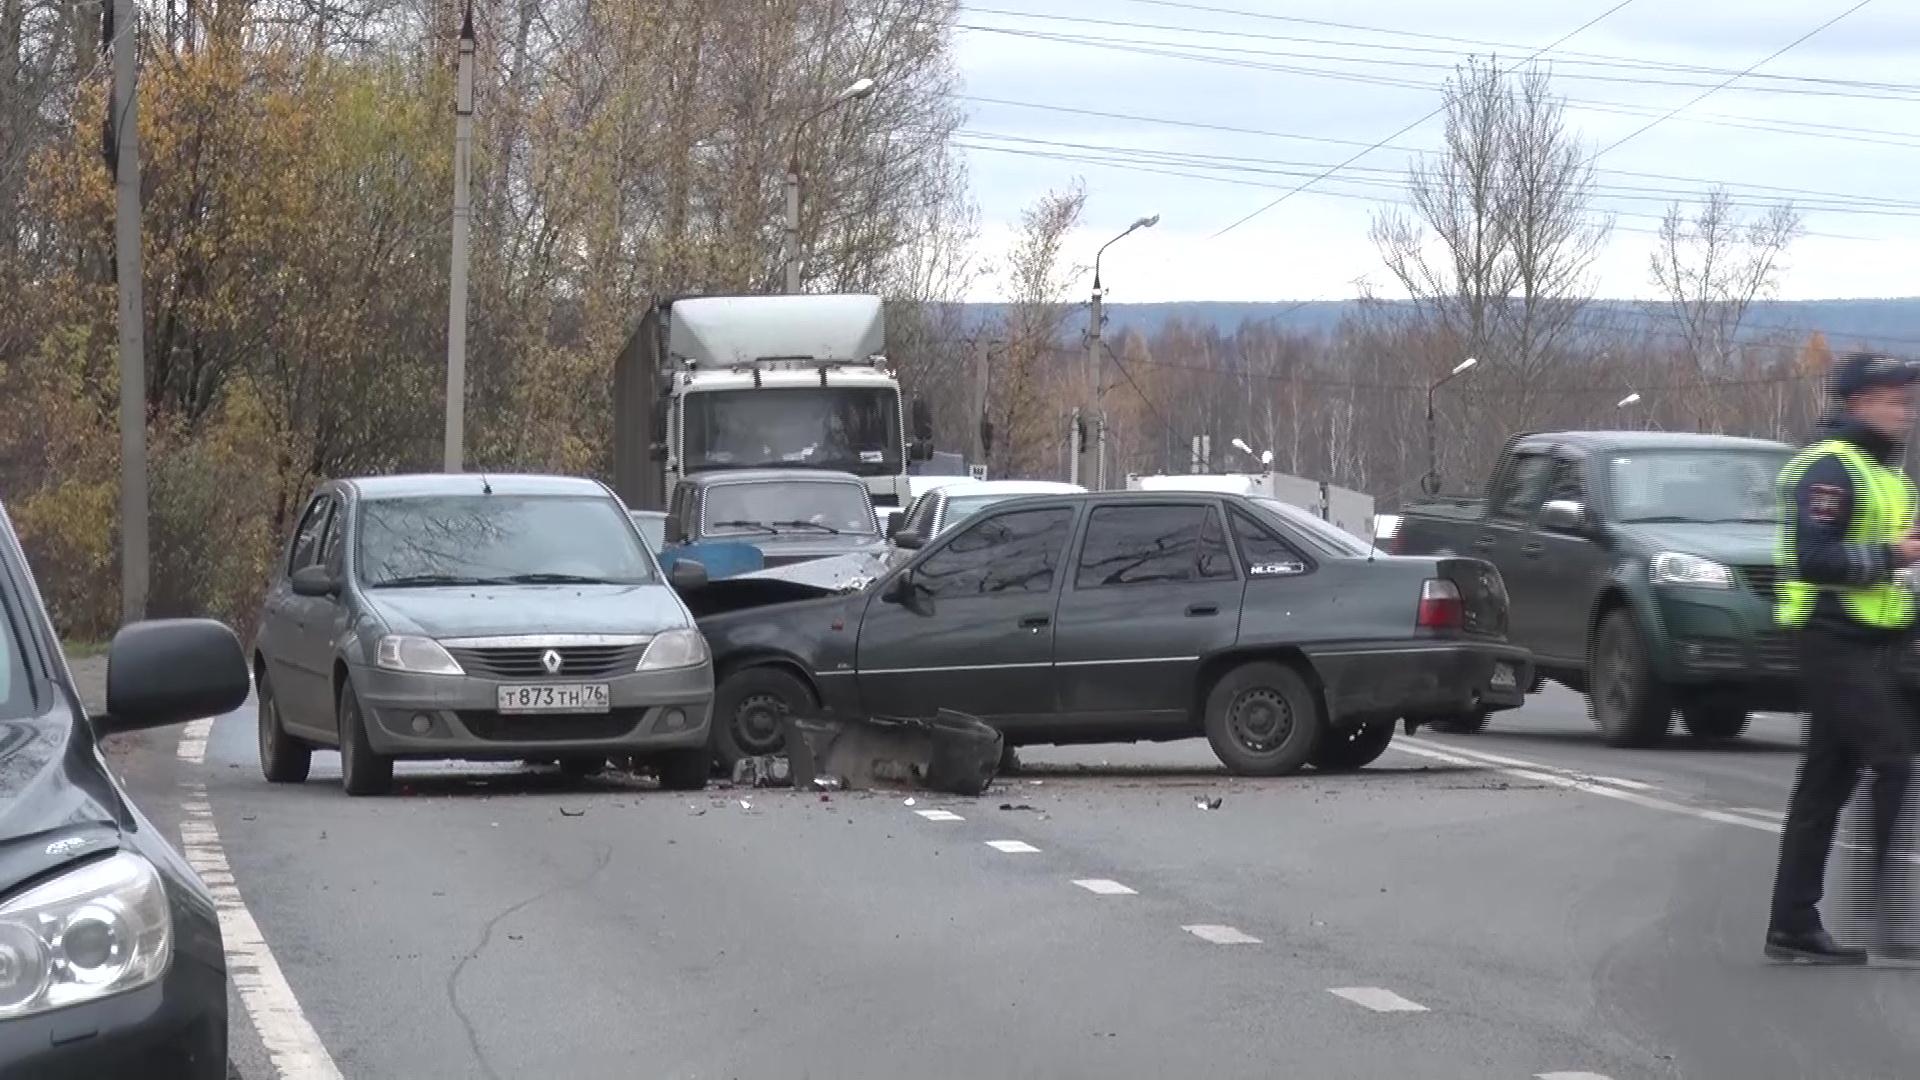 Оторвало колеса и прицеп: на ЮЗОД жестко столкнулись две легковушки